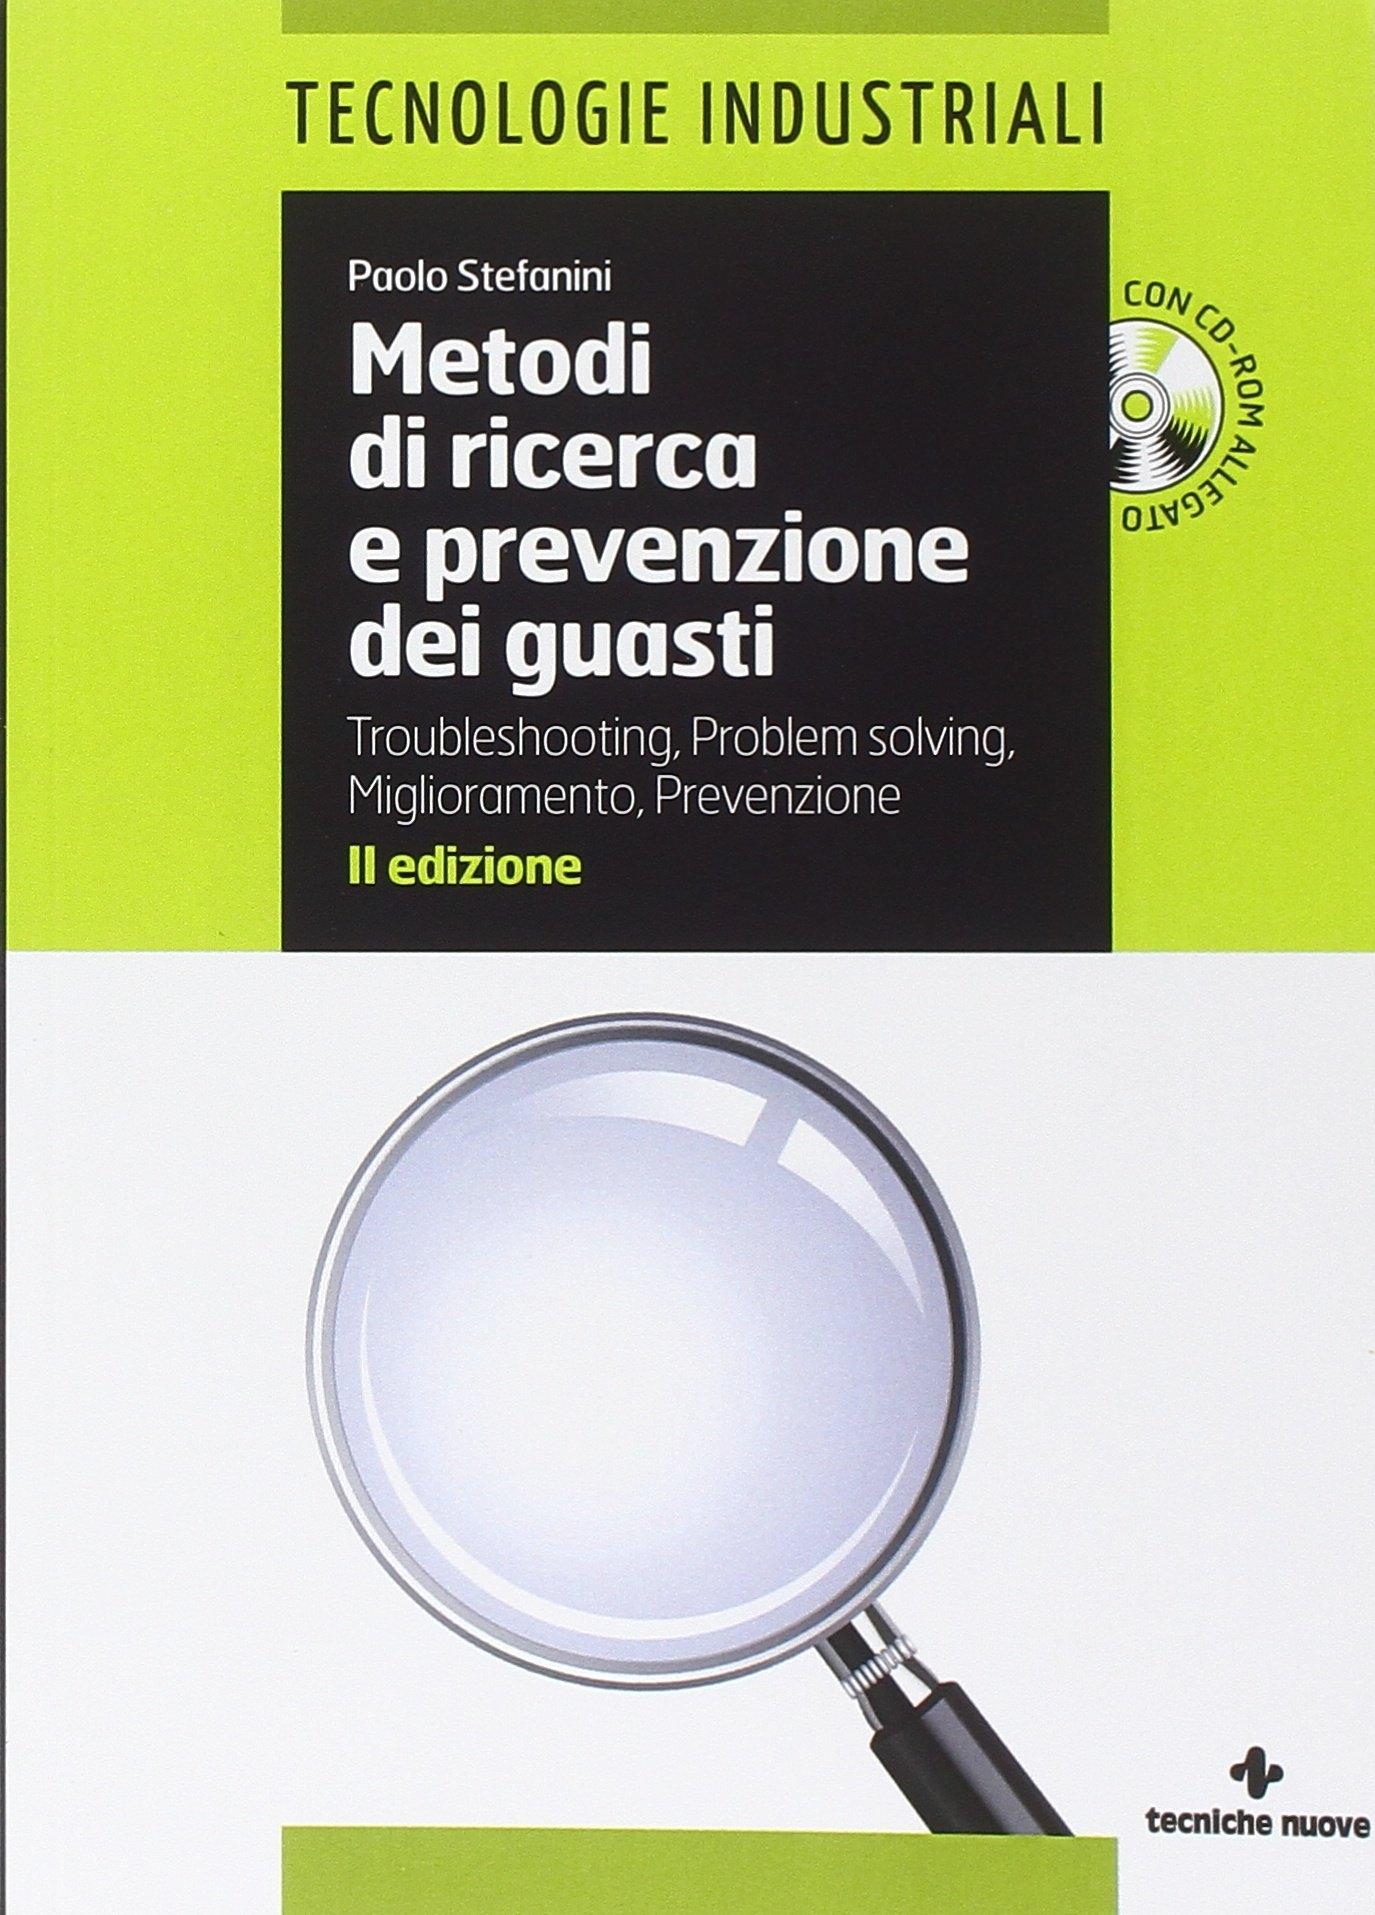 Metodi di ricerca e prevenzione dei guasti. Troubleshooting-Problem solving. Miglioramento-Prevenzione. Con CD-ROM